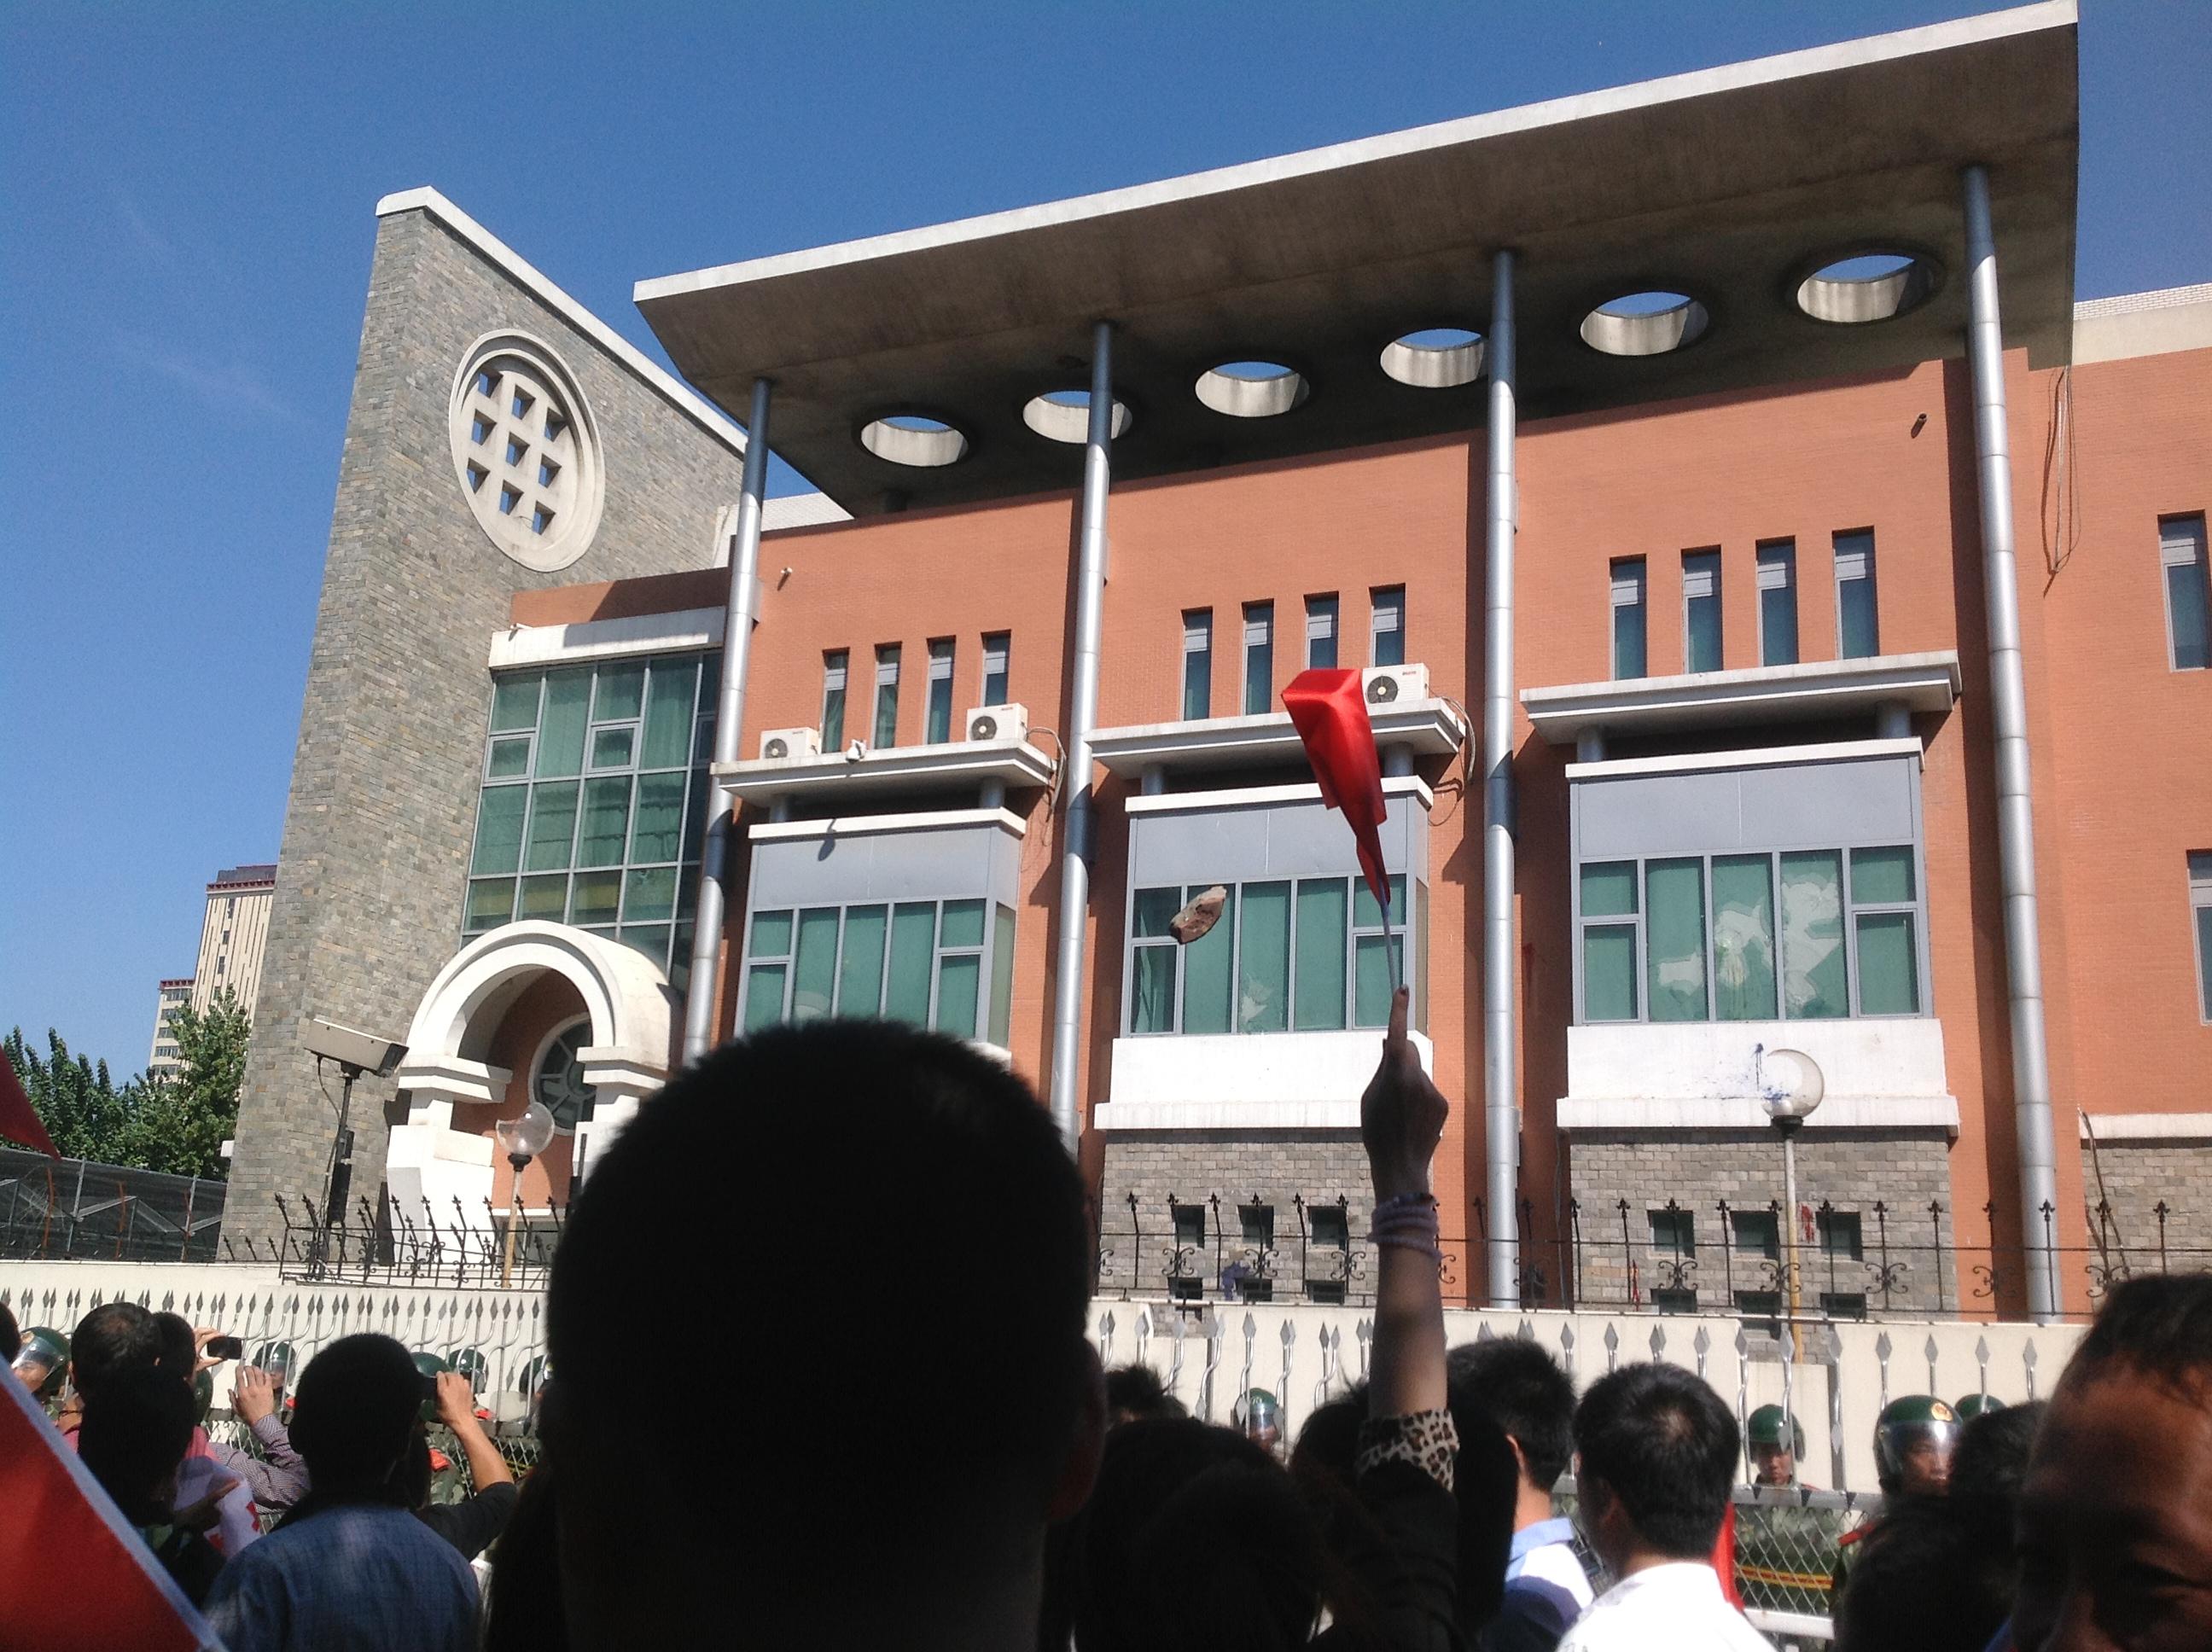 示威遊行者向日本領館投擲石塊